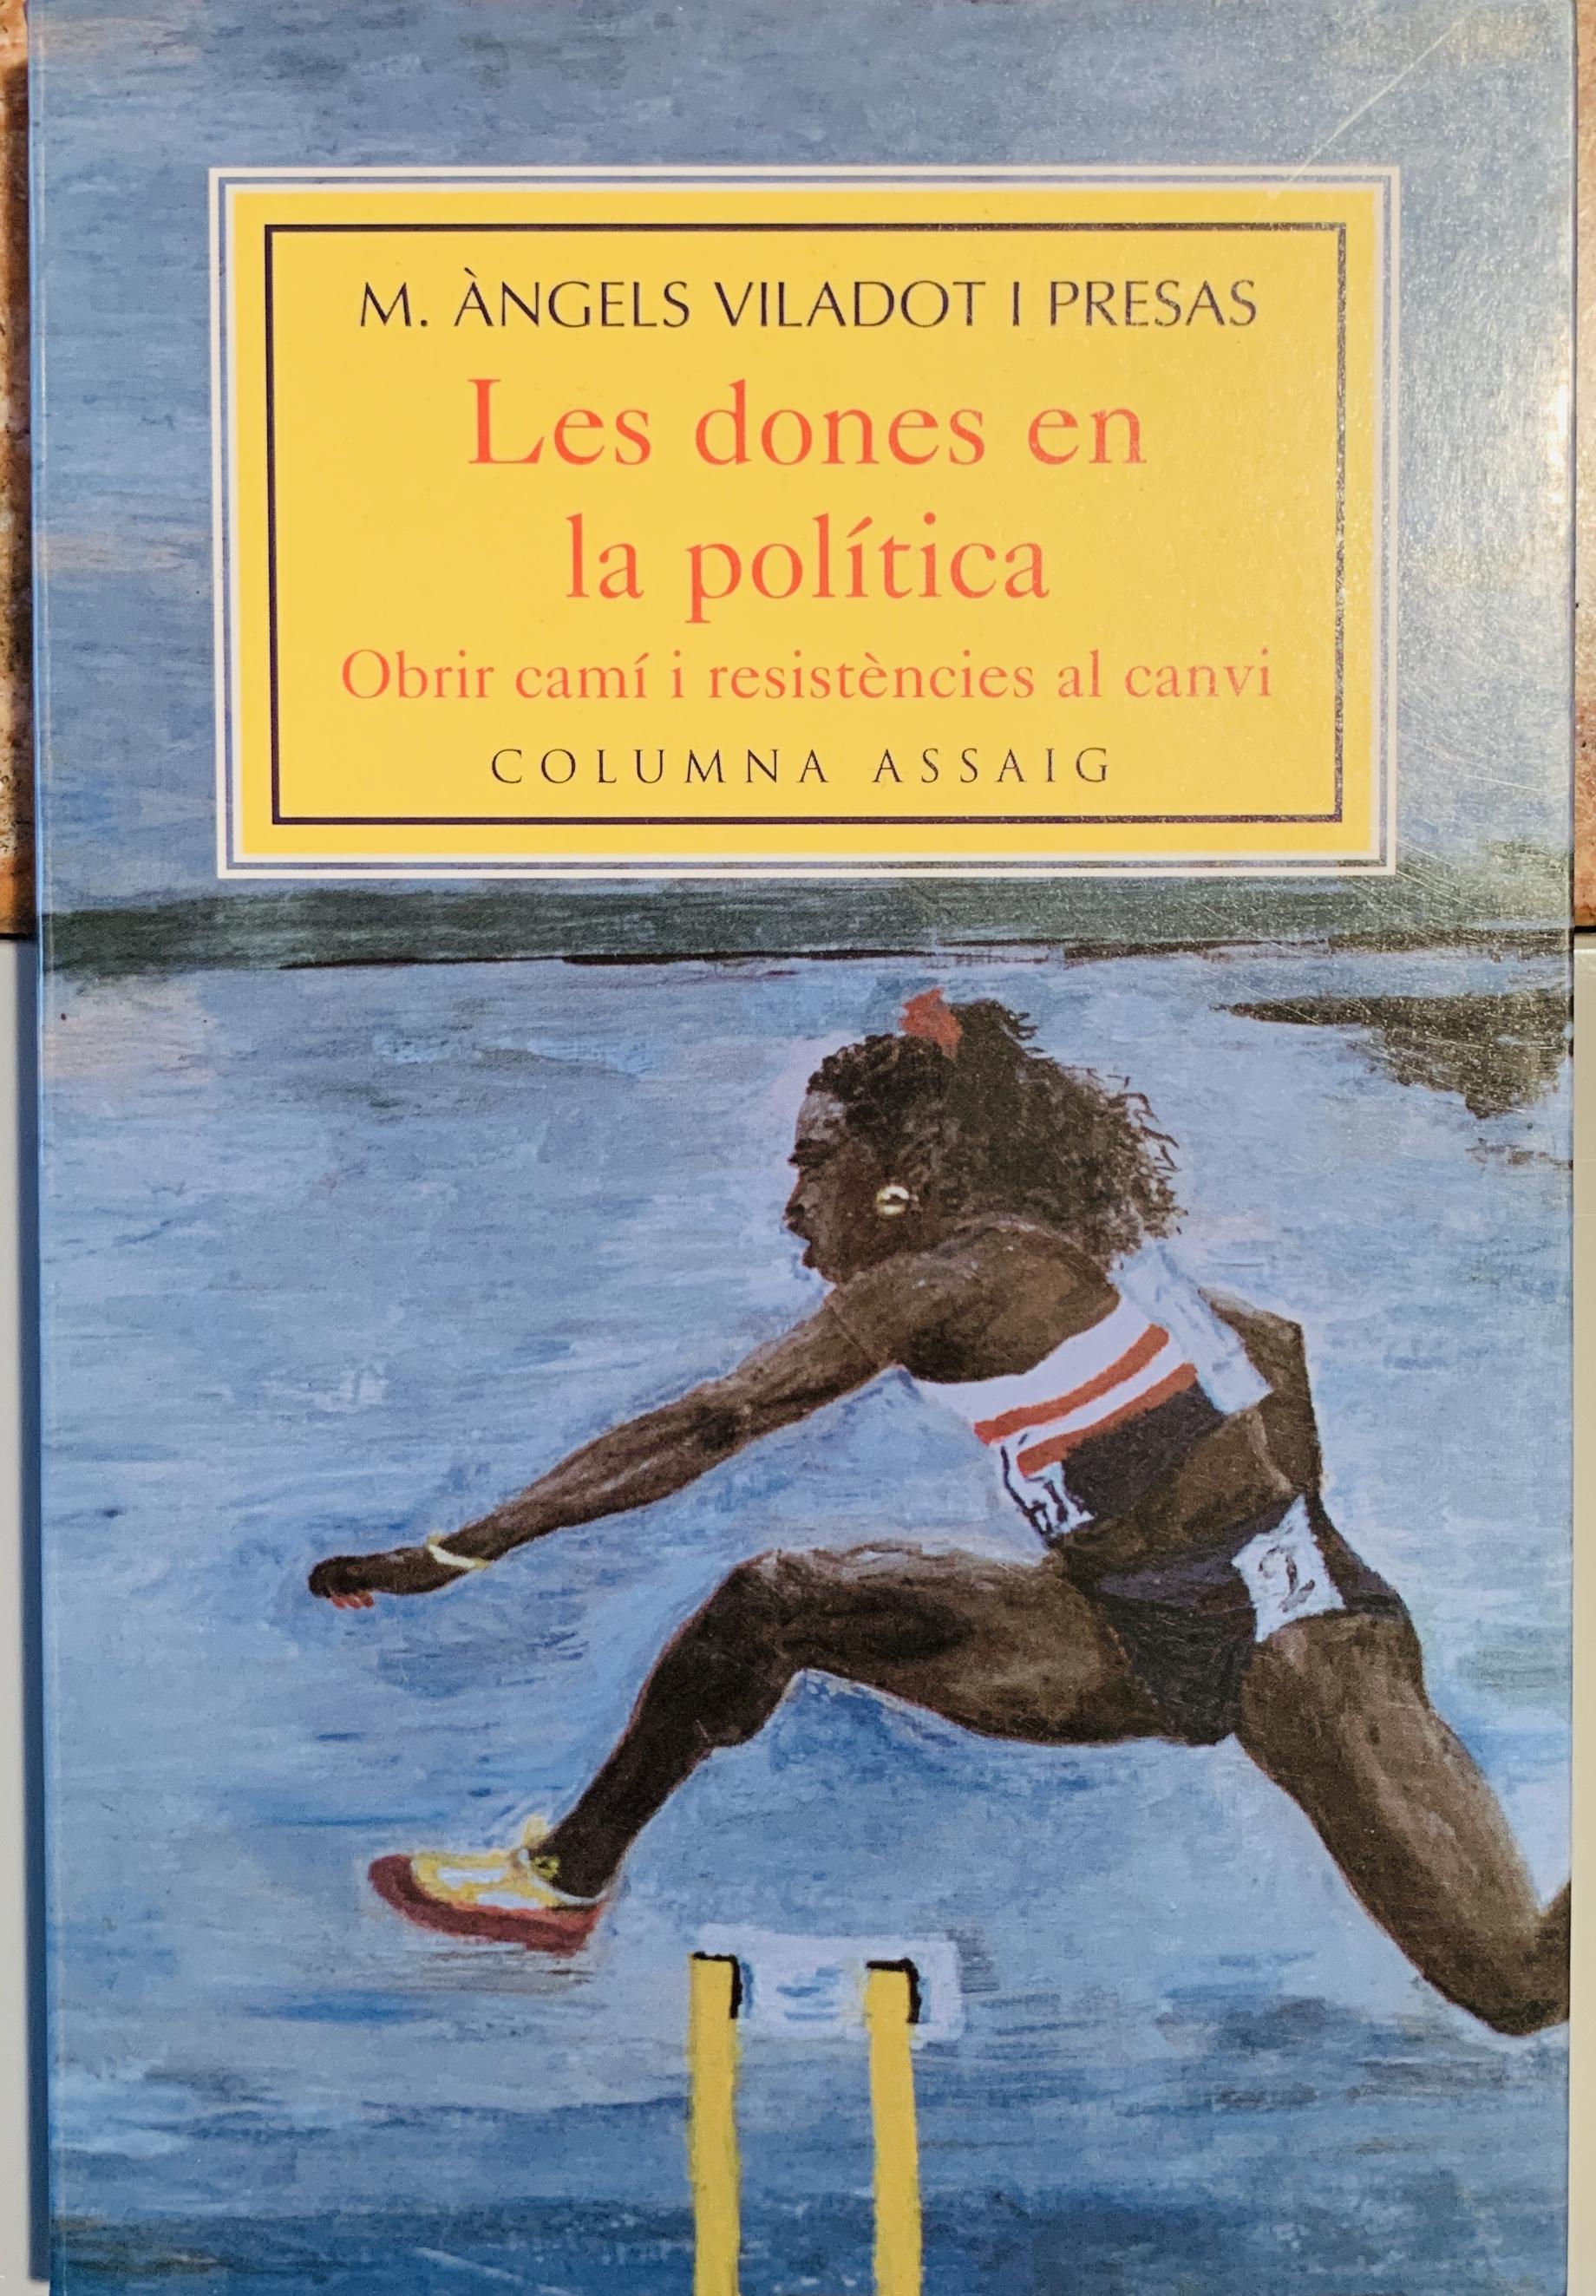 """Les dones en la política. Obrir camí i resistèncias al canvi  Barcelona: Columna, 1999  El llibre aborda la infrarepresentació de les dones en els llocs de presa de decisió des de l'anàlisi de la construcció social del gènere i fa una especial incidència en les conseqüències que se'n desprenen, com ara la preeminència pública dels valors masculins i de les activitats desenvolupades pels homes"""".   Comprar aquí"""